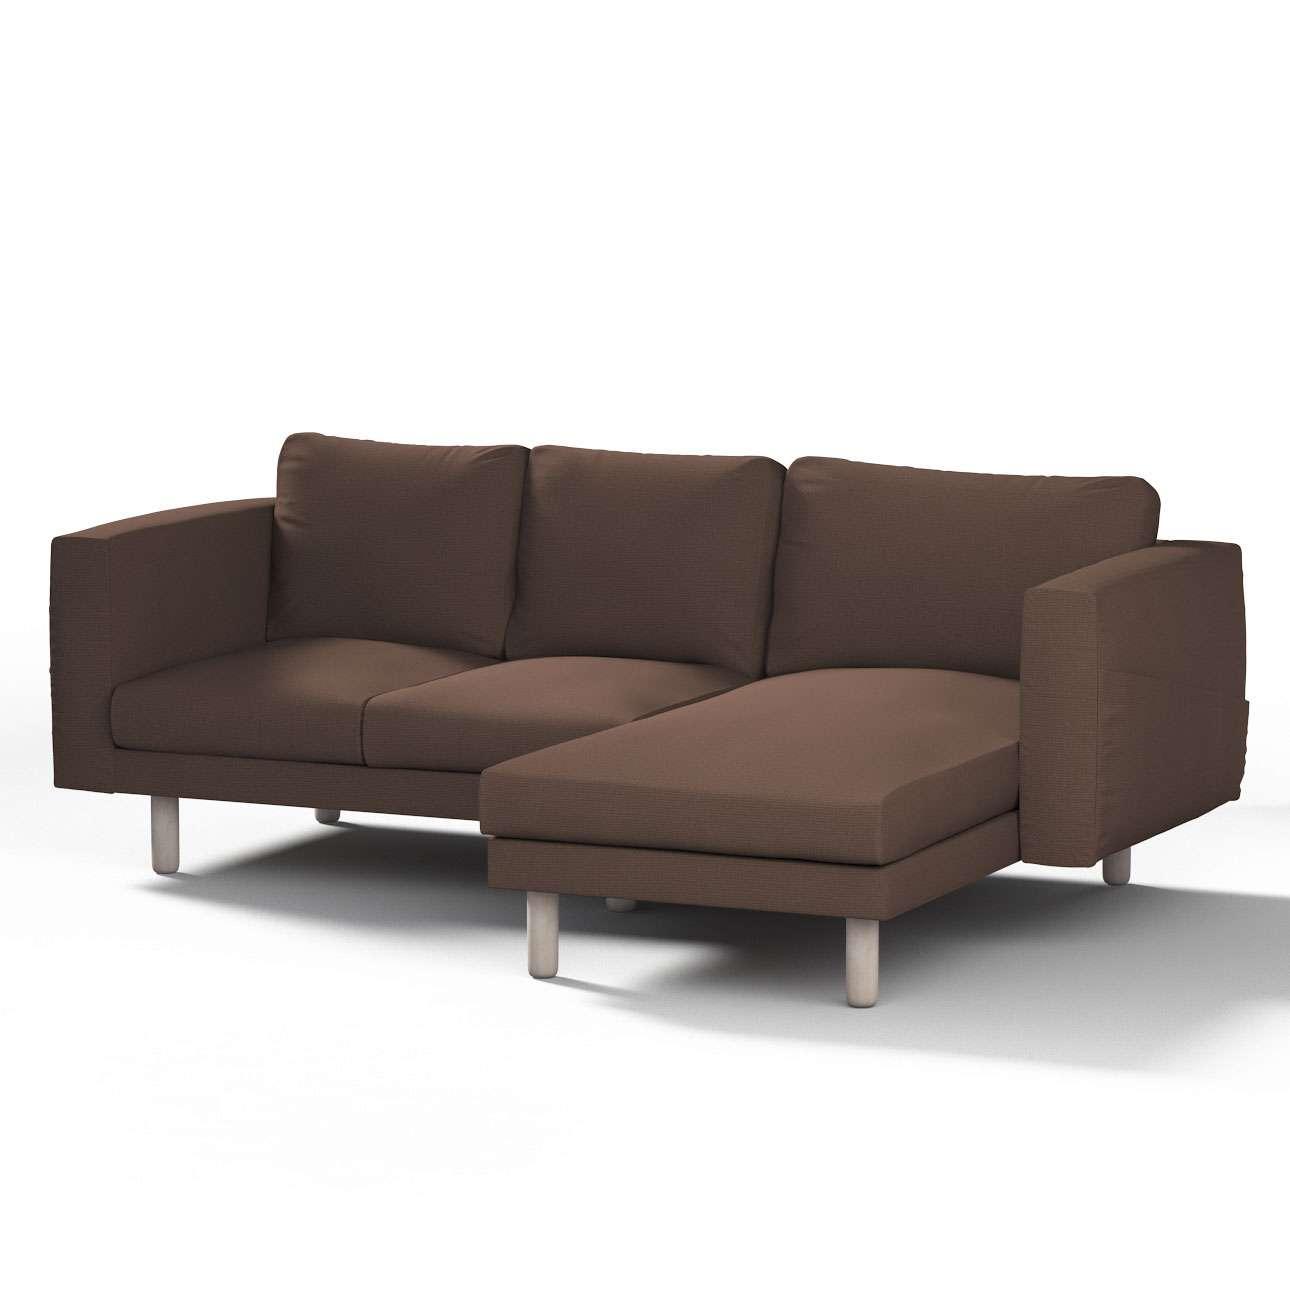 Pokrowiec na sofę Norsborg 3-osobową z szezlongiem w kolekcji Etna, tkanina: 705-08